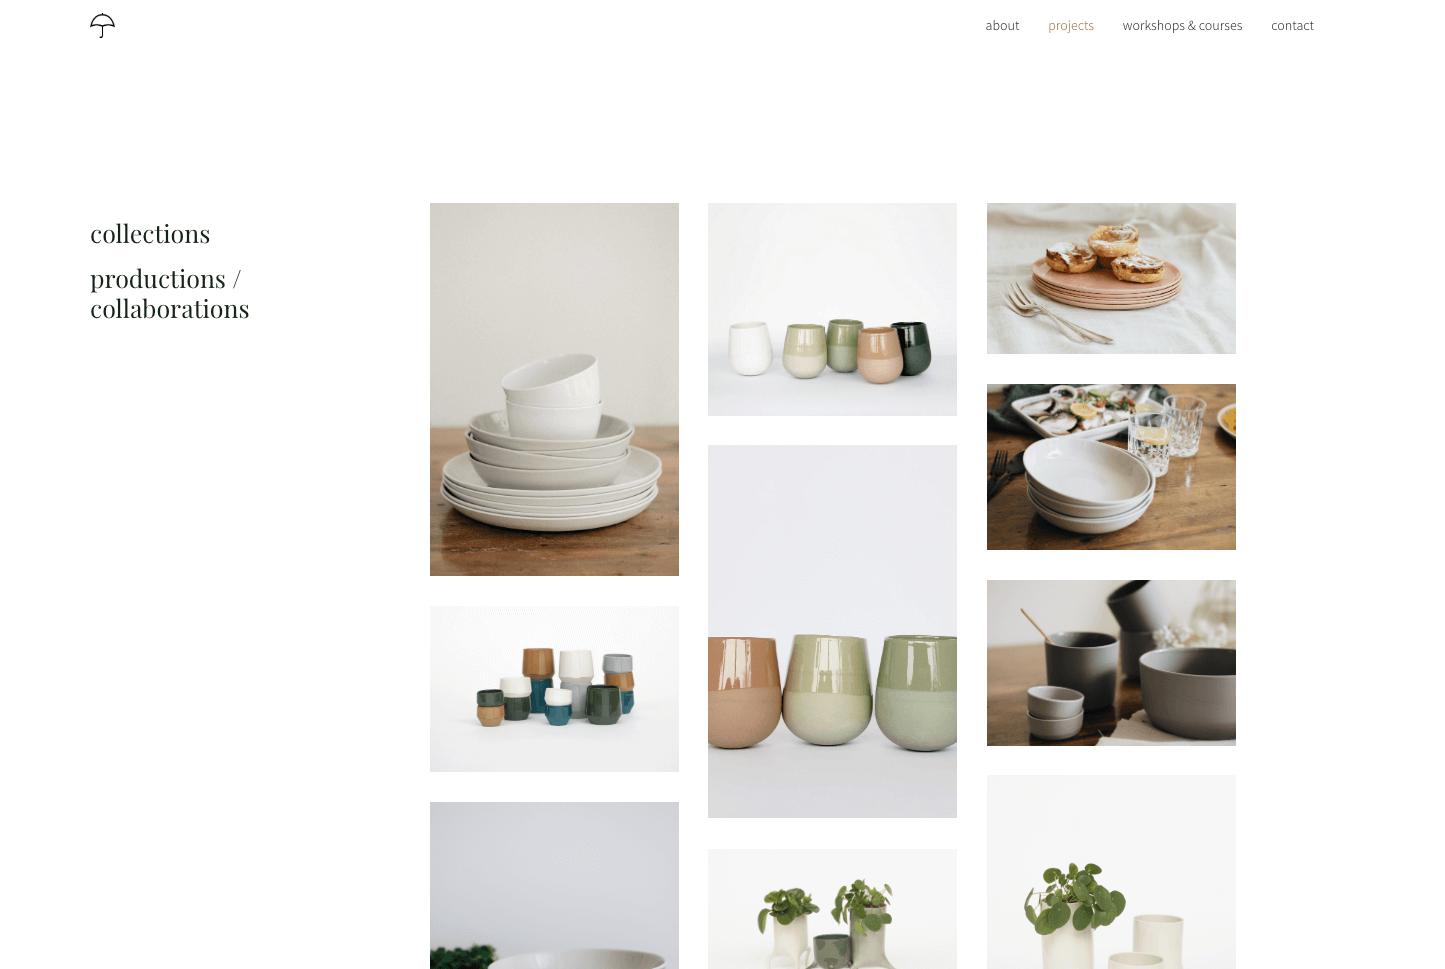 HUSK Ceramics projects - Snugger